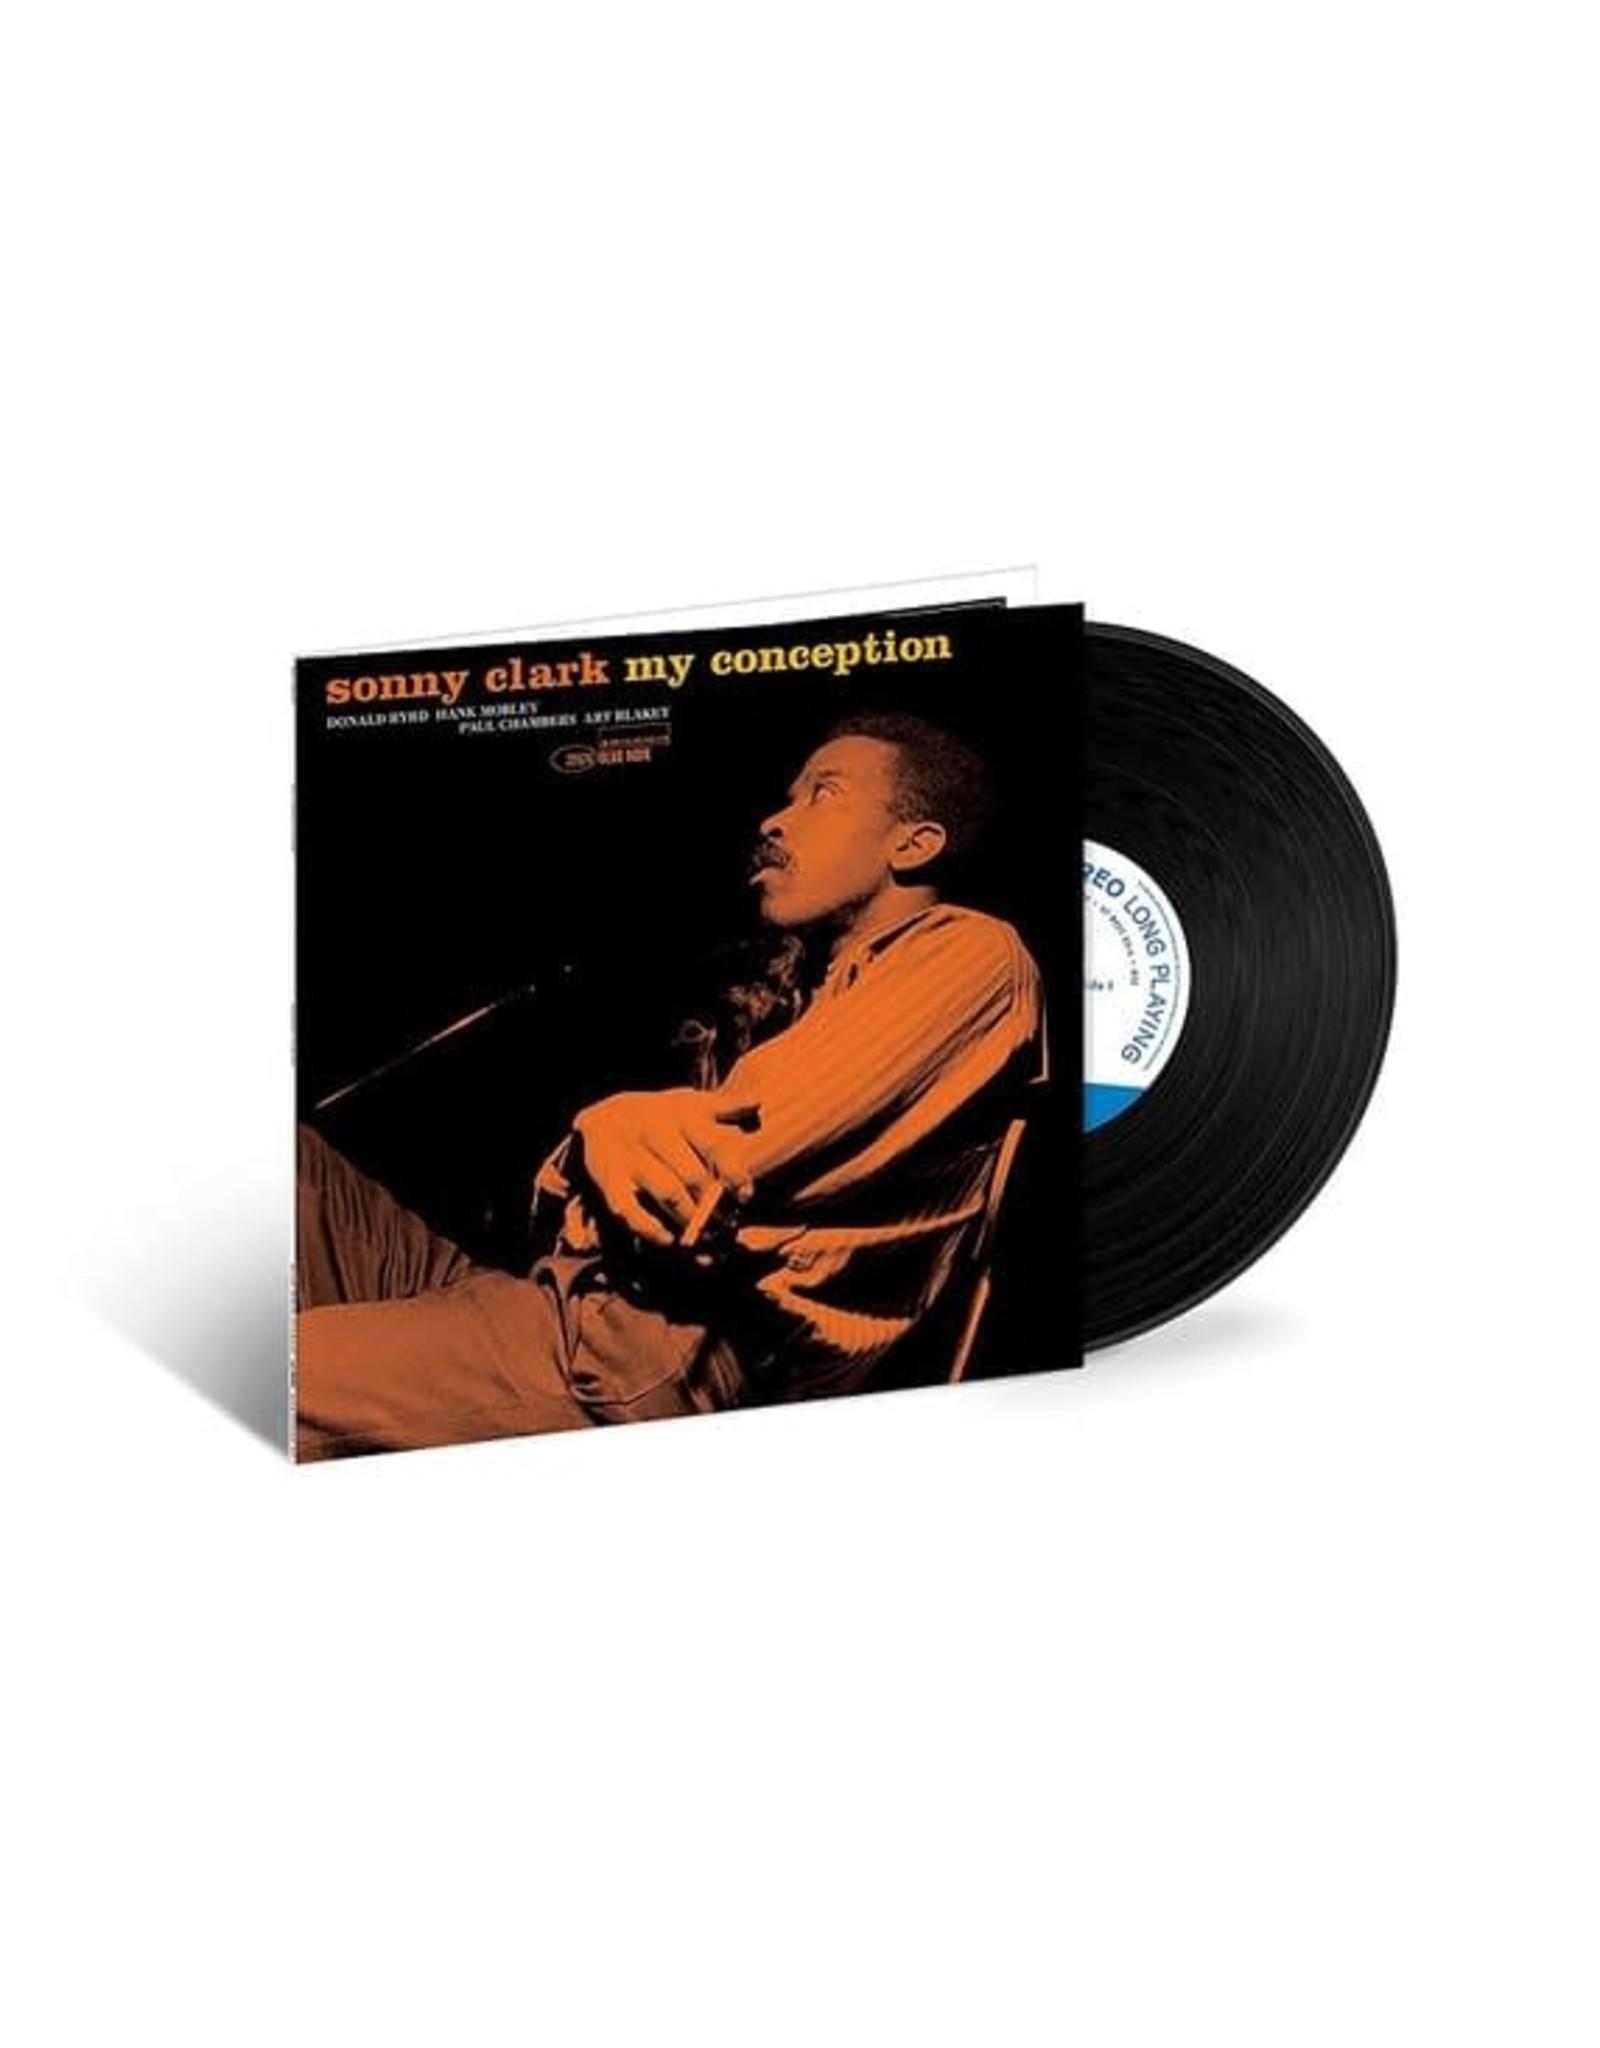 Blue Note Clark, Sonny: My Conception (Tone Poet Series) LP